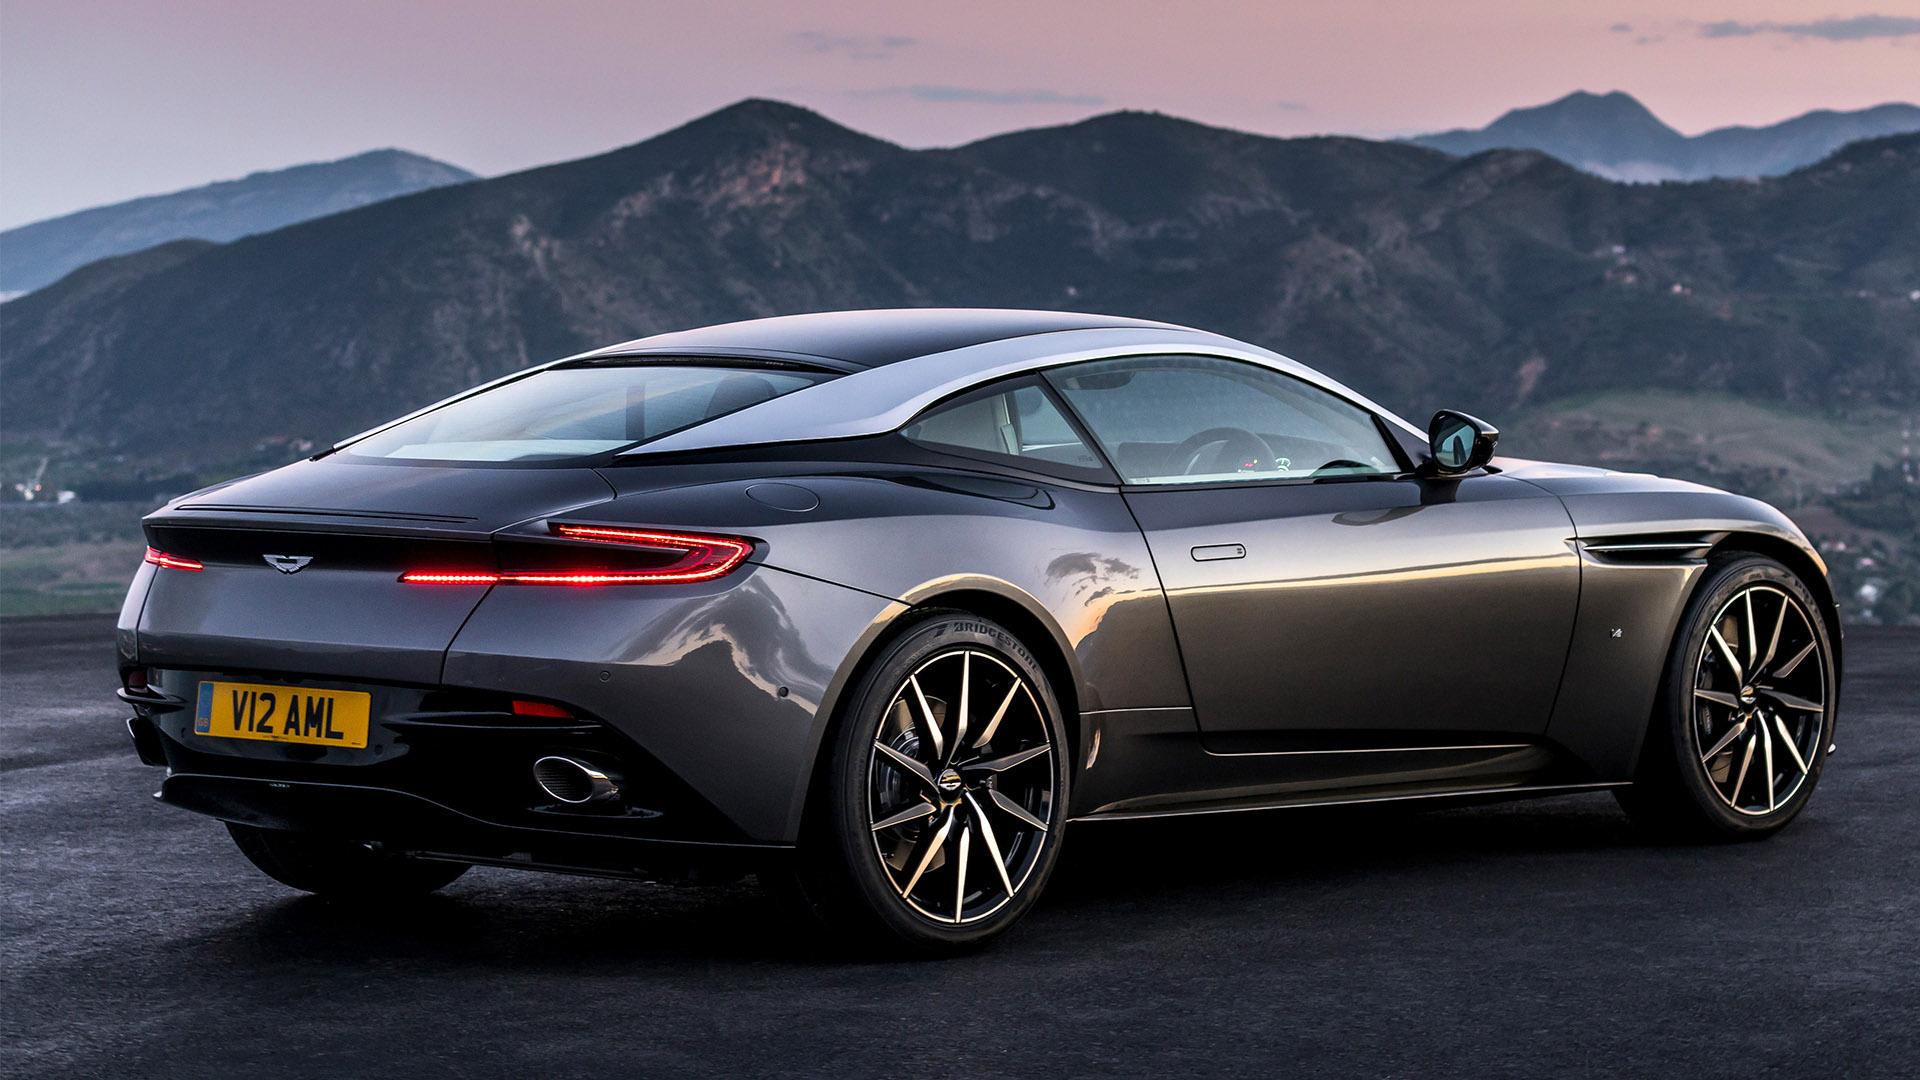 Vince Balachia Napletons Aston Martin Of Chicago PROfile By - Napleton aston martin